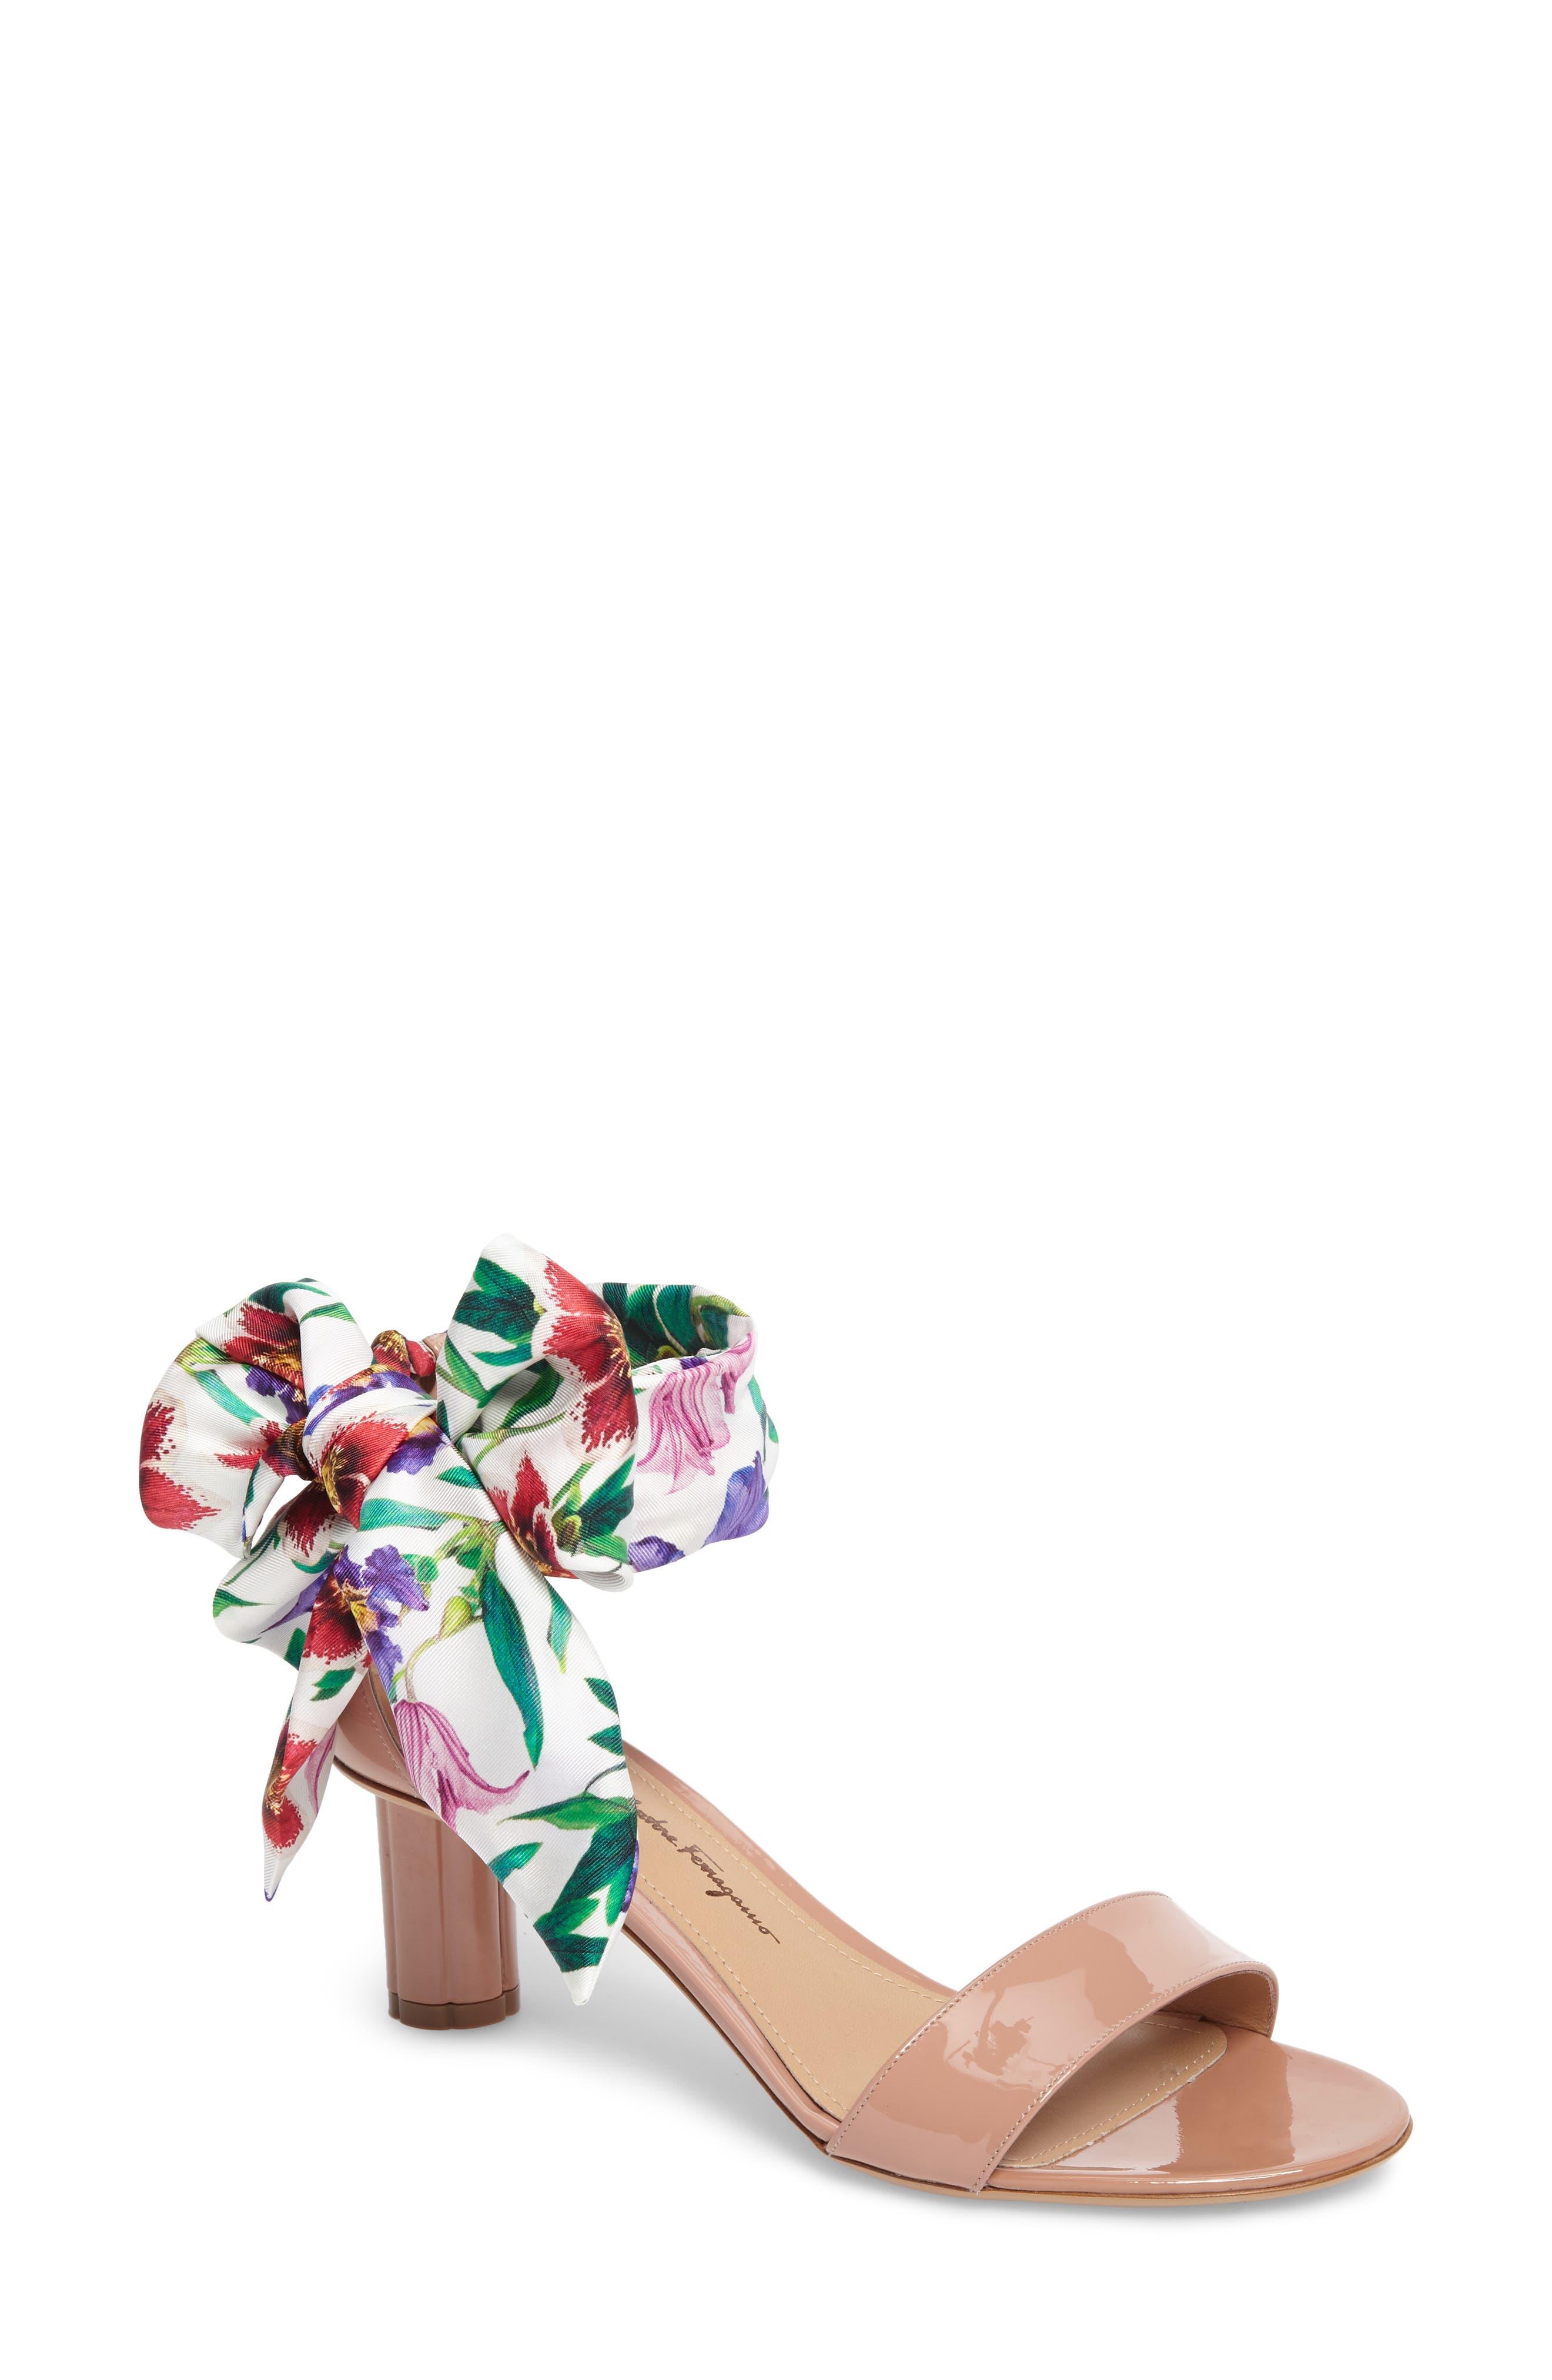 Tursi Sandal,                             Main thumbnail 1, color,                             NEW BLUSH